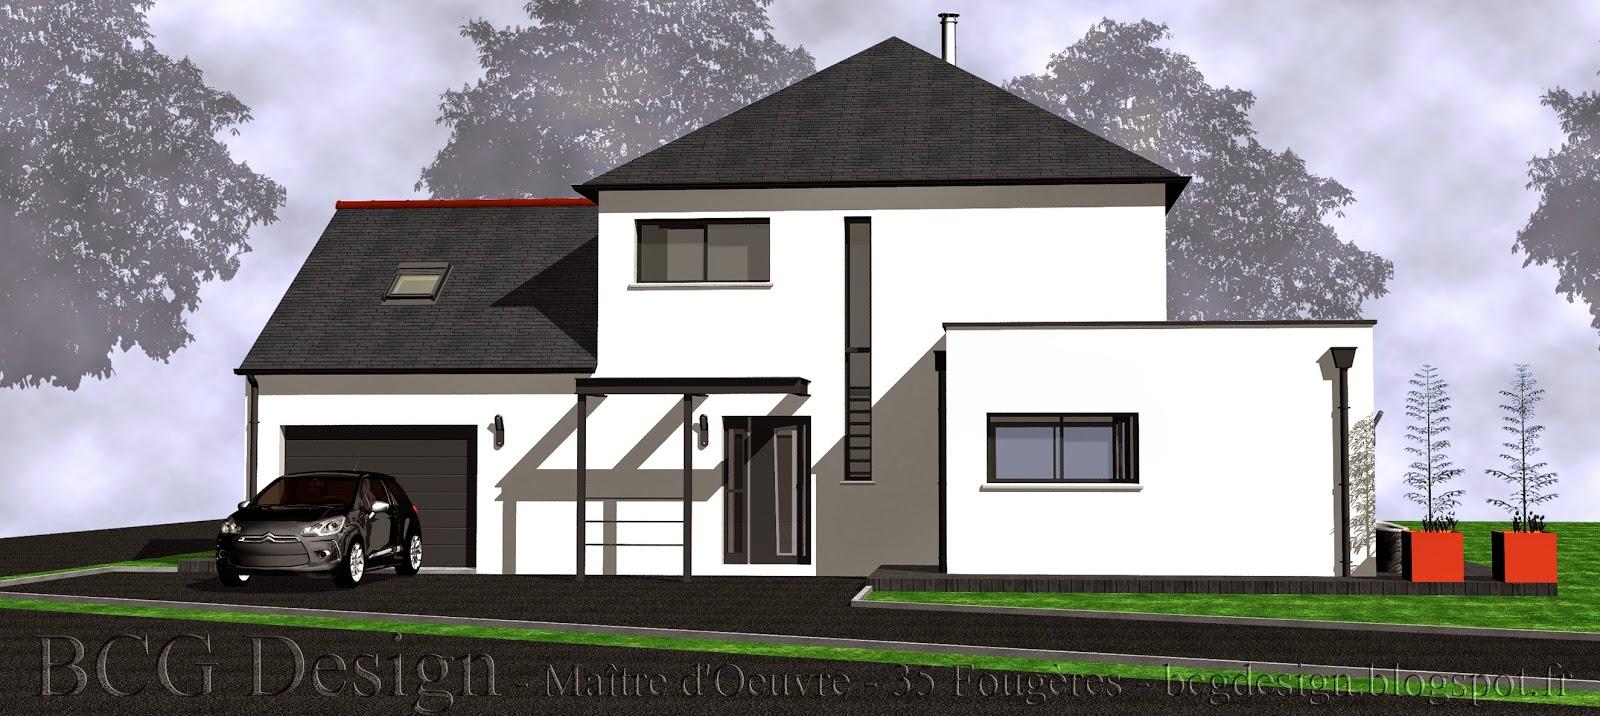 BCG Design  Maître dOeuvre Maisons traditionnelles